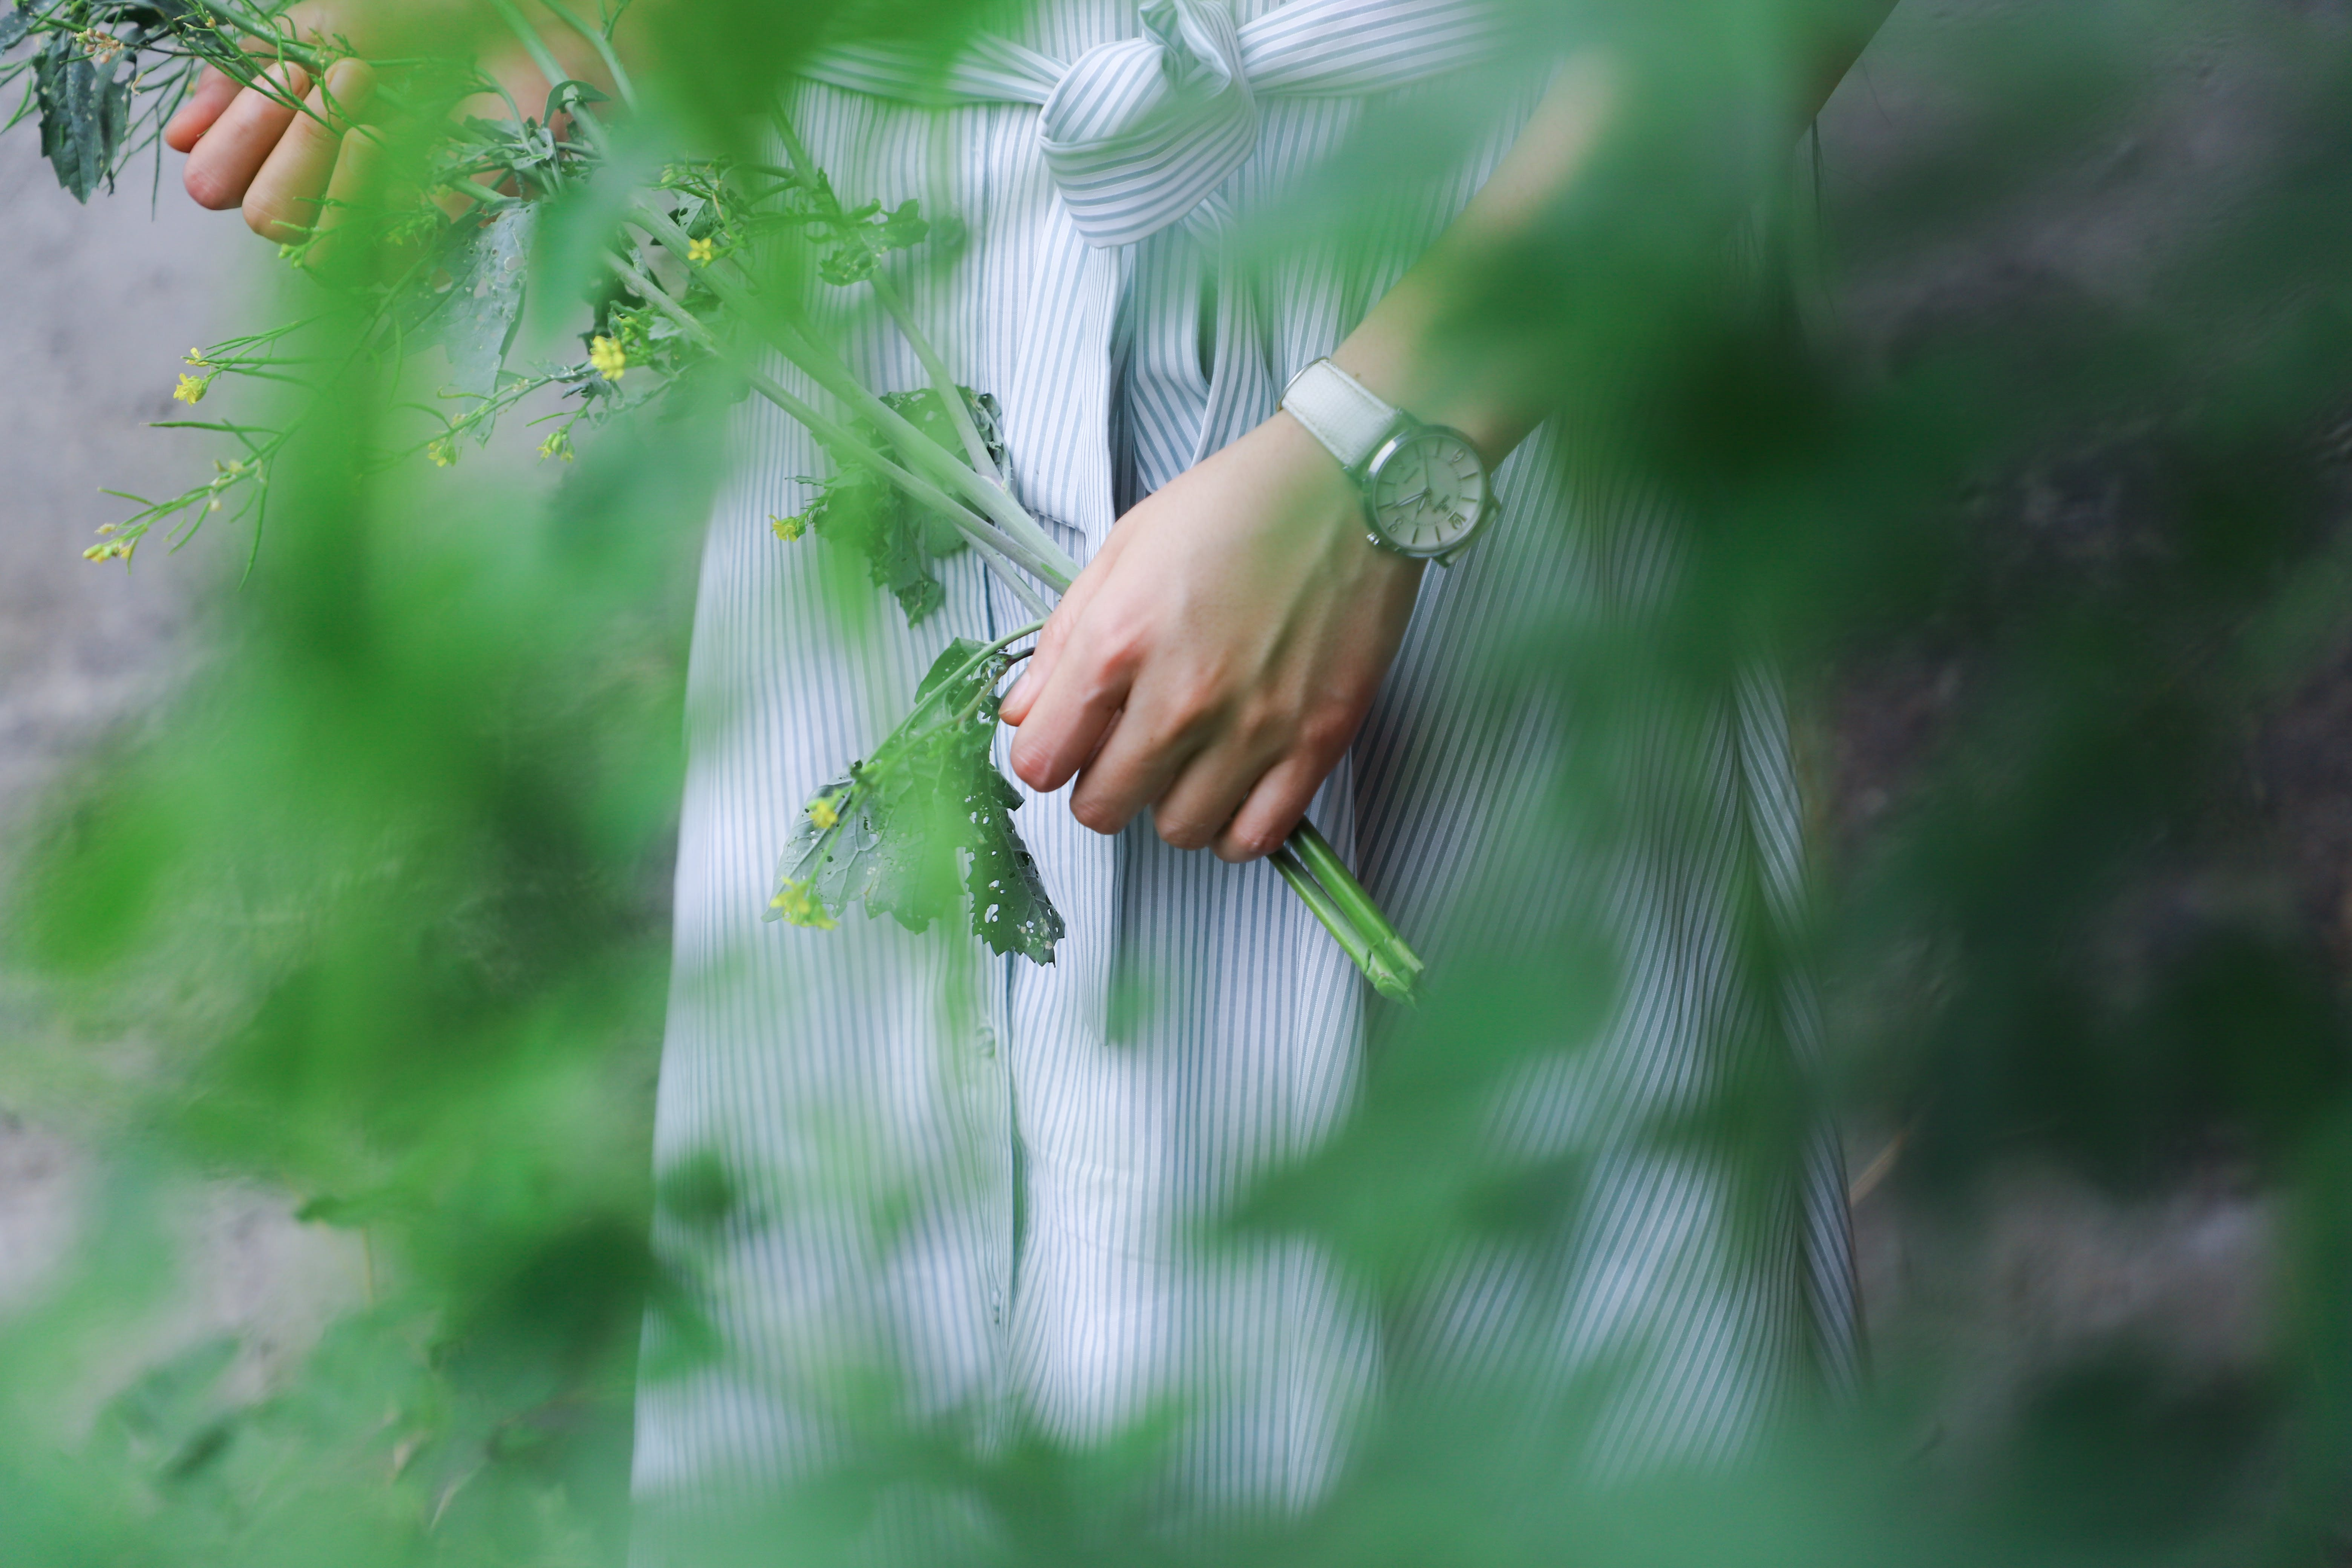 Kostenloses Stock Foto zu blumen, mädchen, pflanze, festhalten